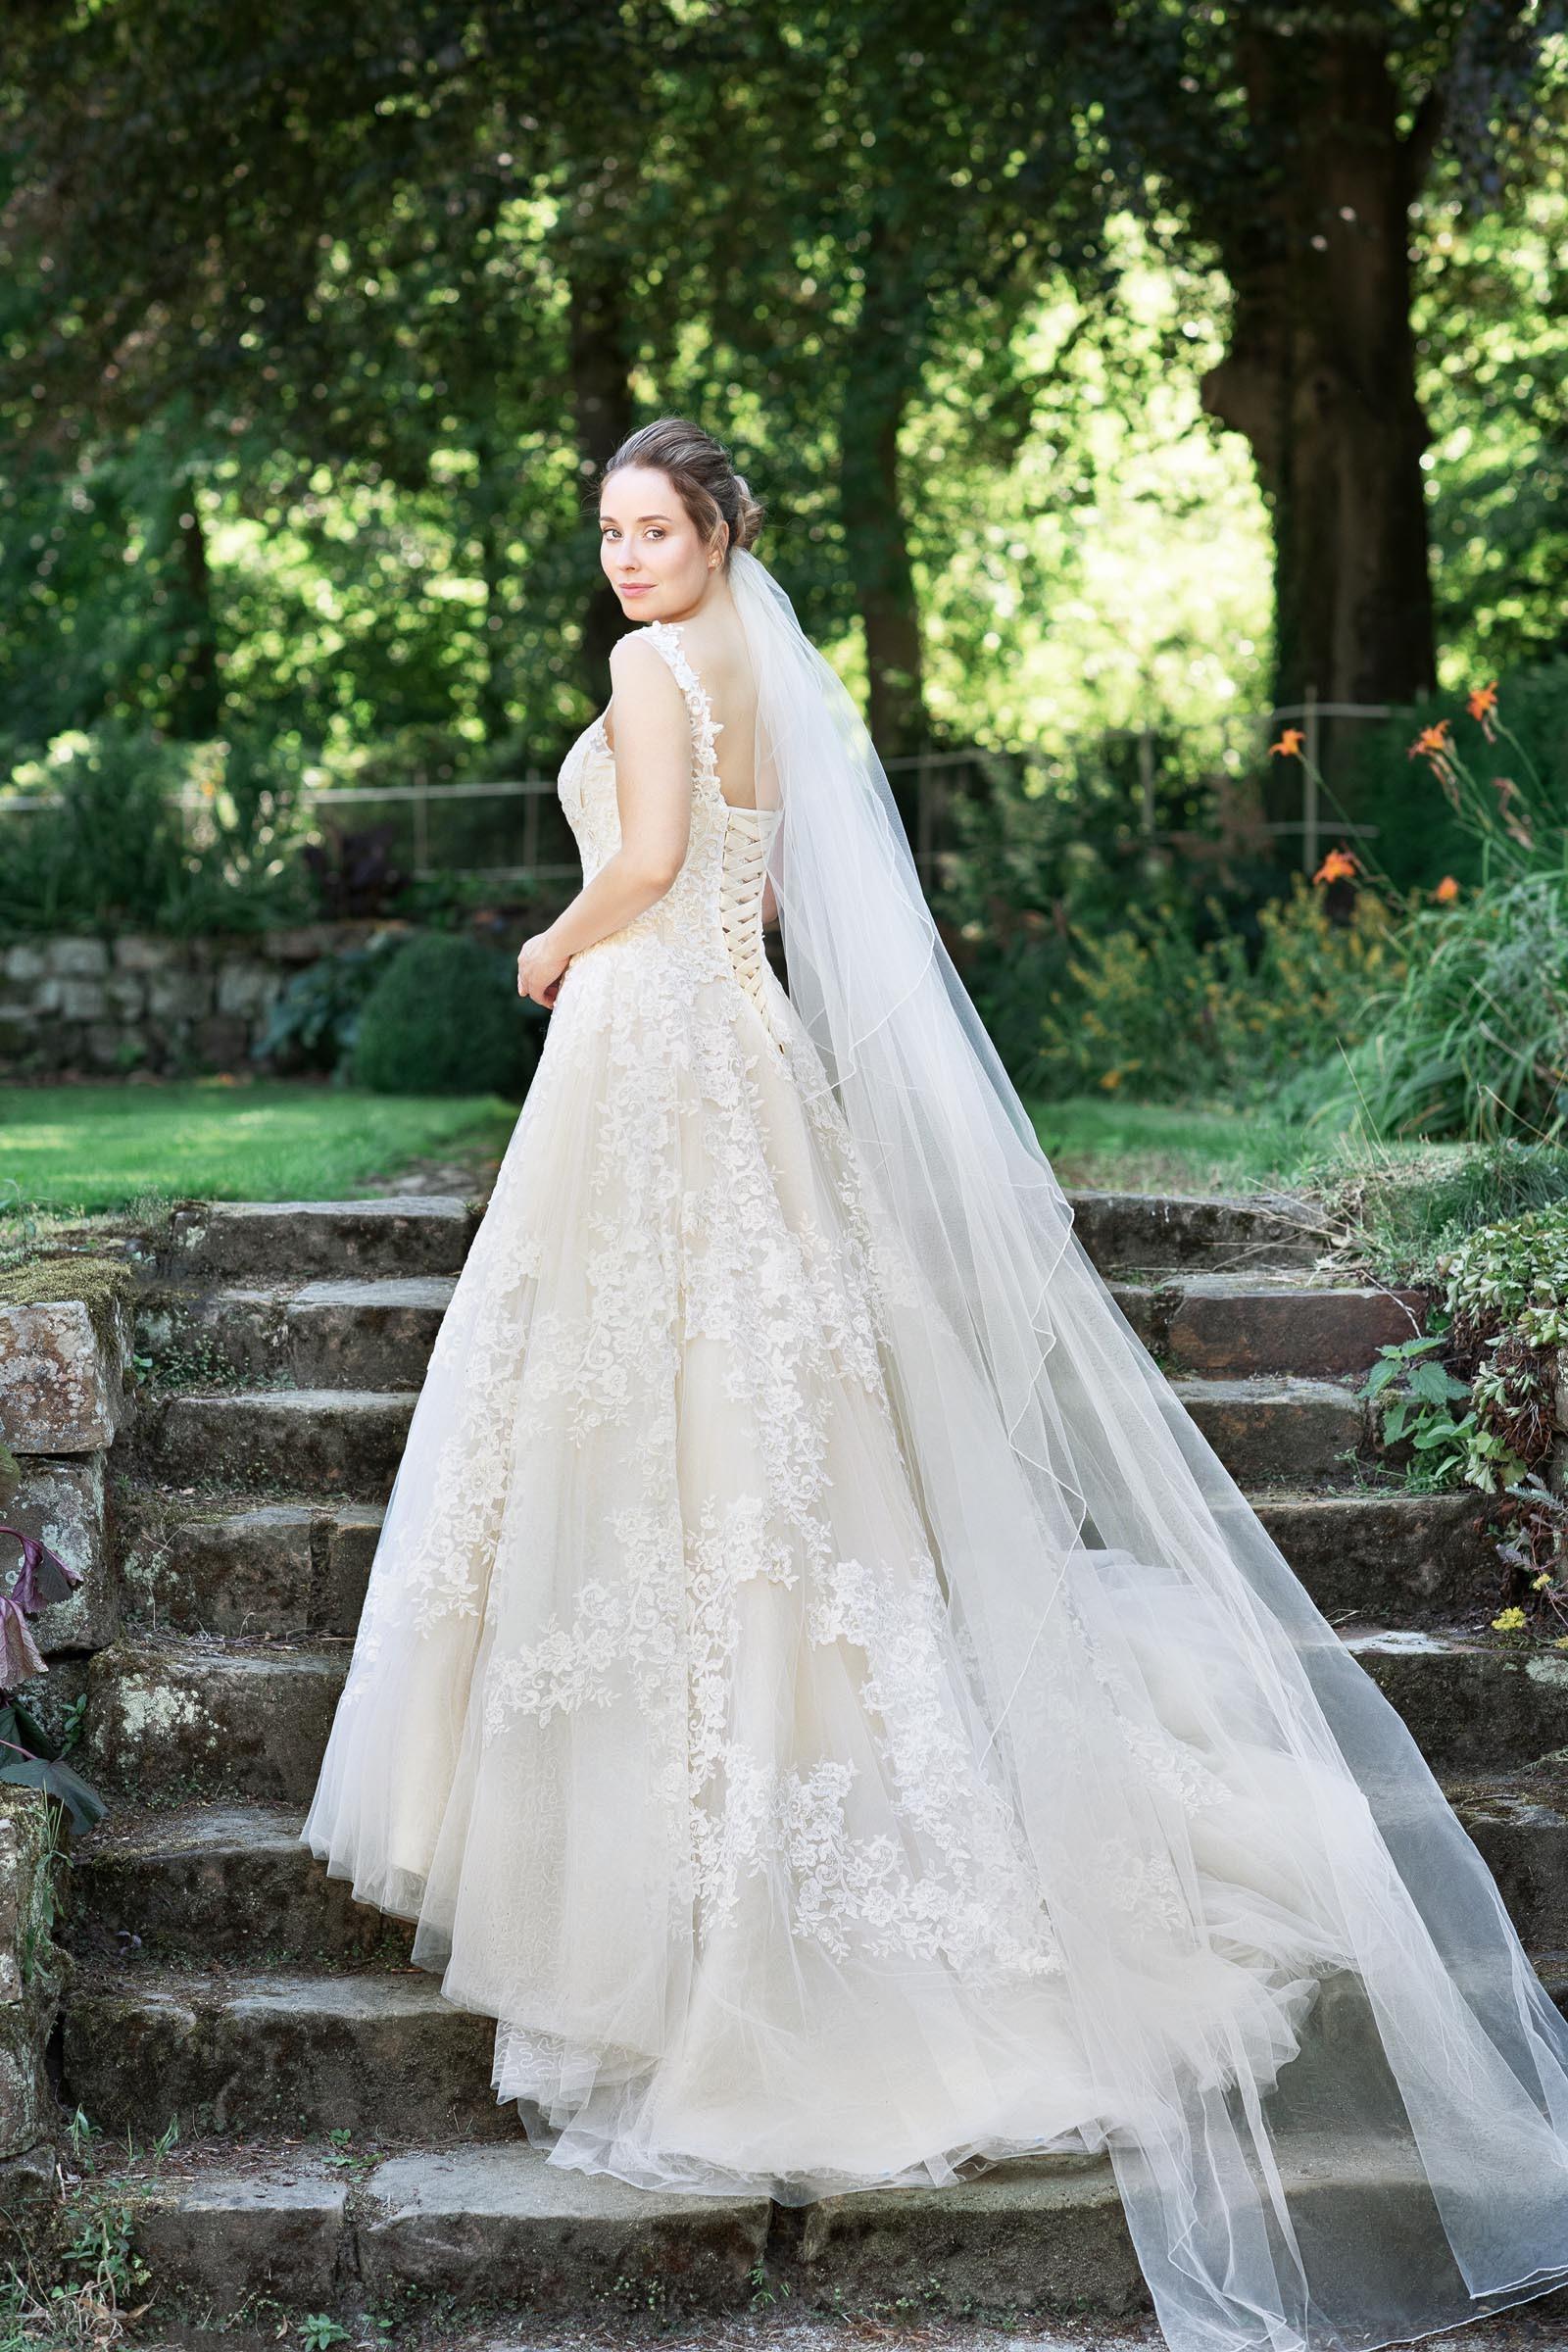 Brautkleider  Die schönsten Kleider & Trends 14 entdecken ❤